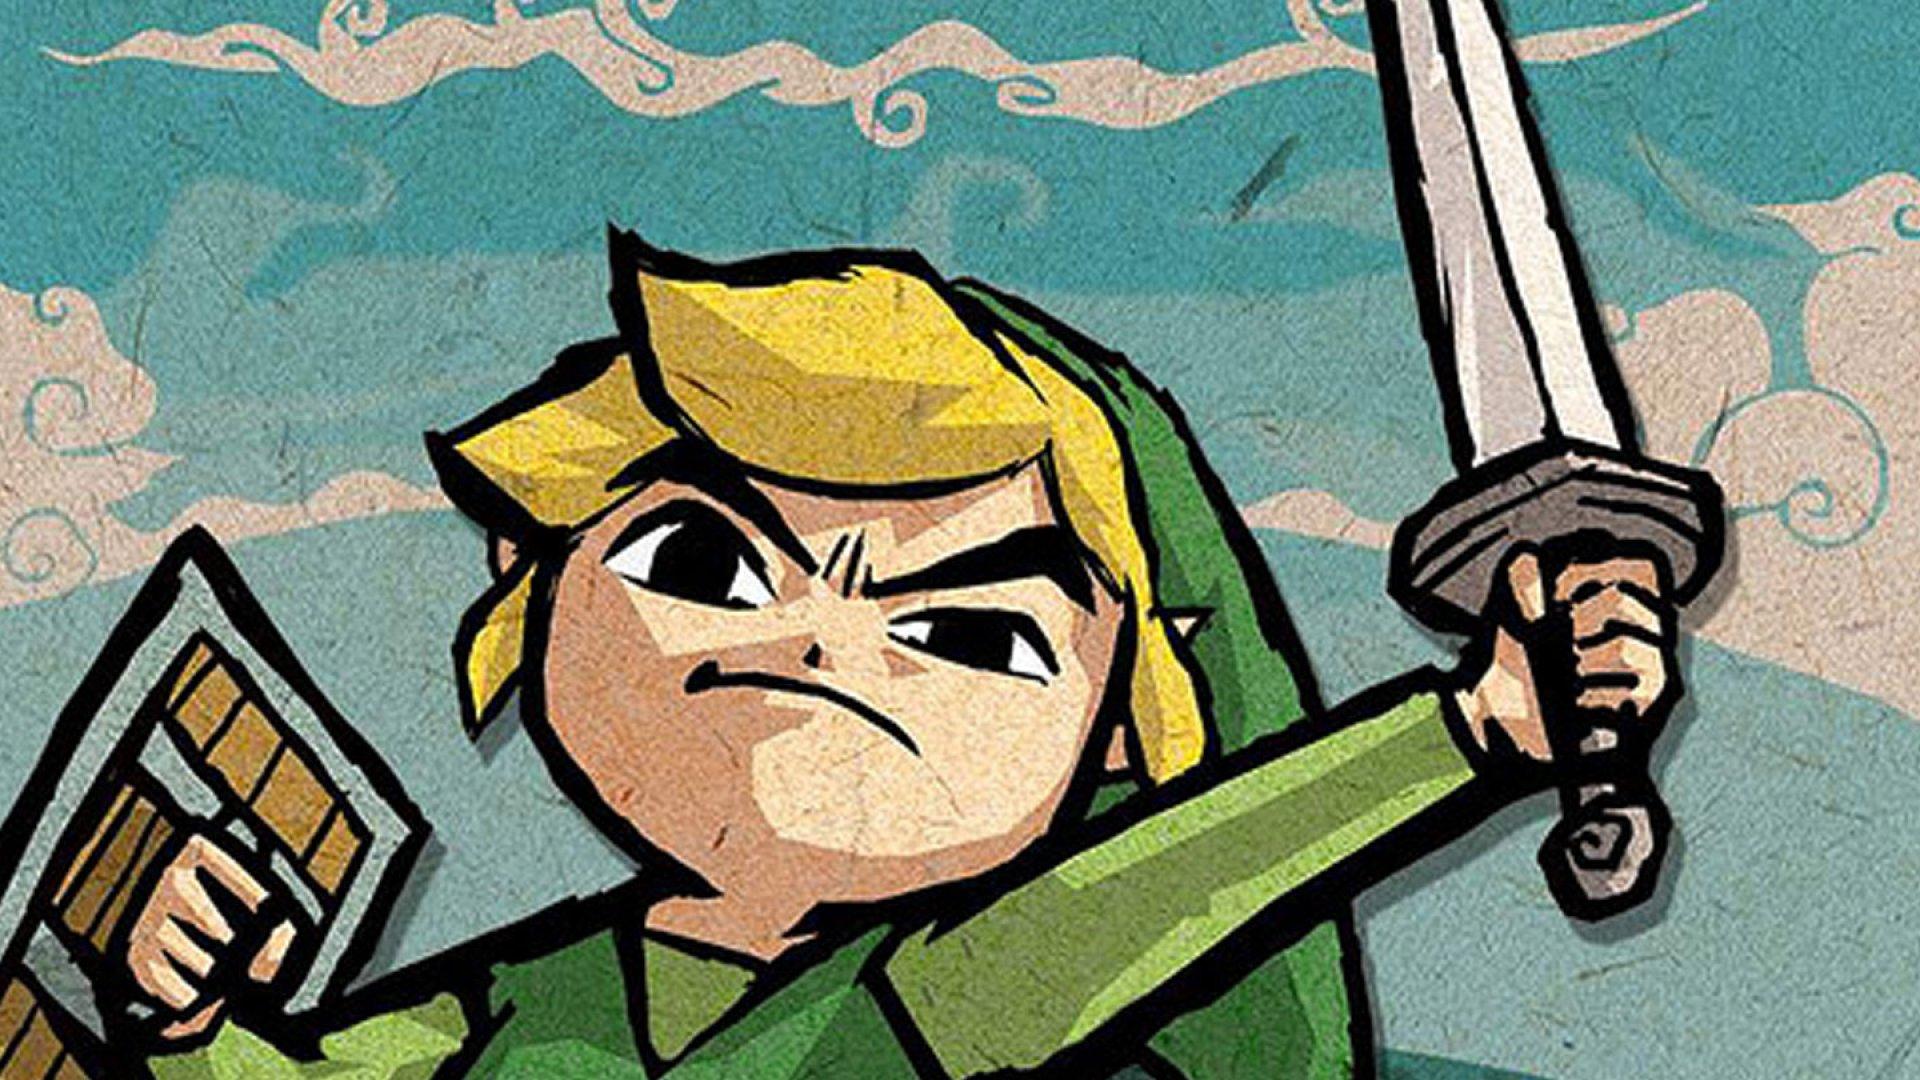 Kickstarter: Double-Edged Sword for Video-Game Entrepreneurs